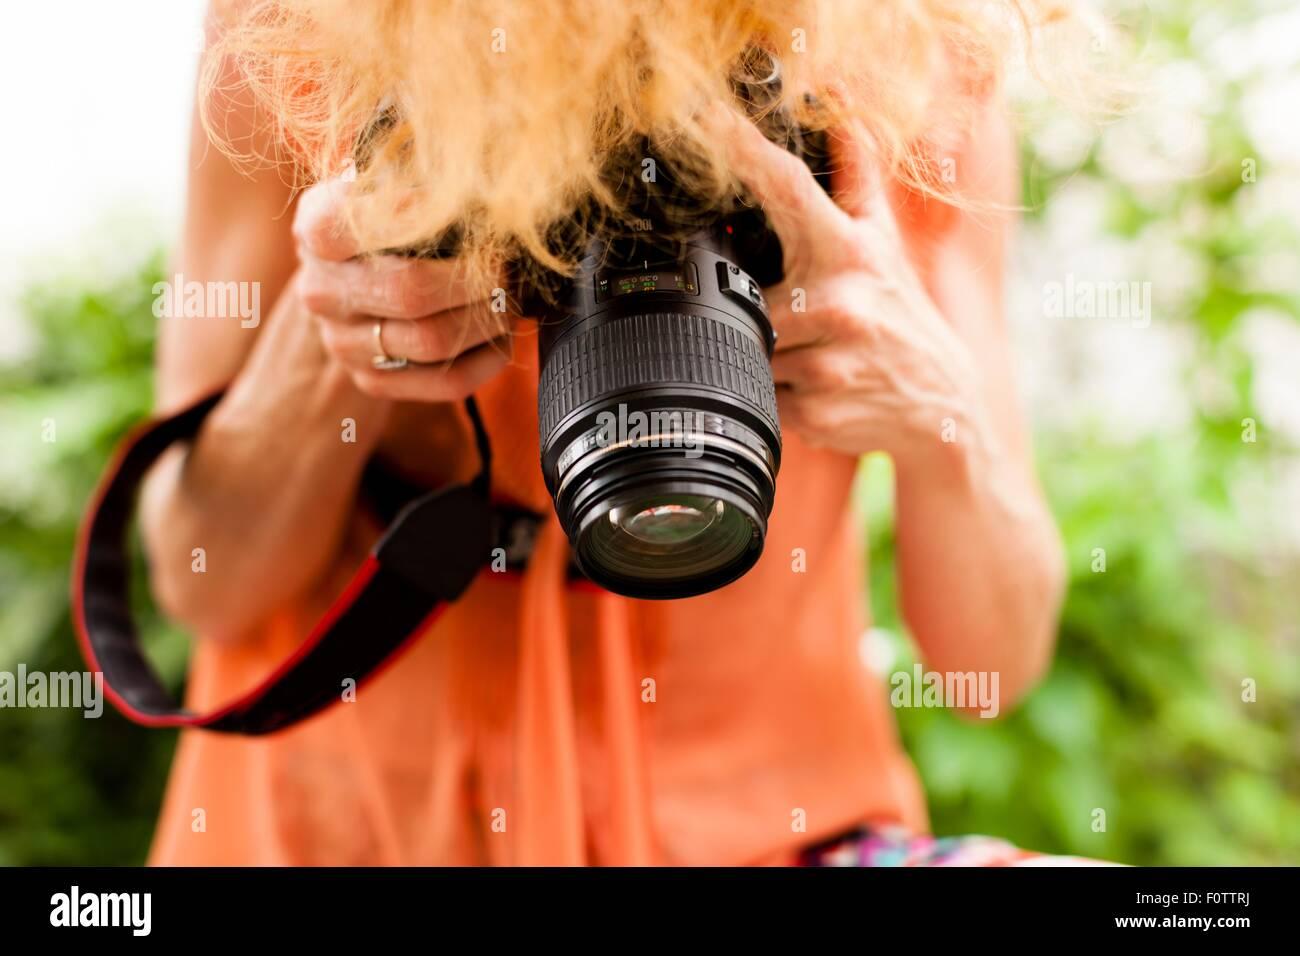 Schuss von Frau mit roten Haaren nach unten fotografieren mit digitalen Spiegelreflexkameras zugeschnitten Stockbild